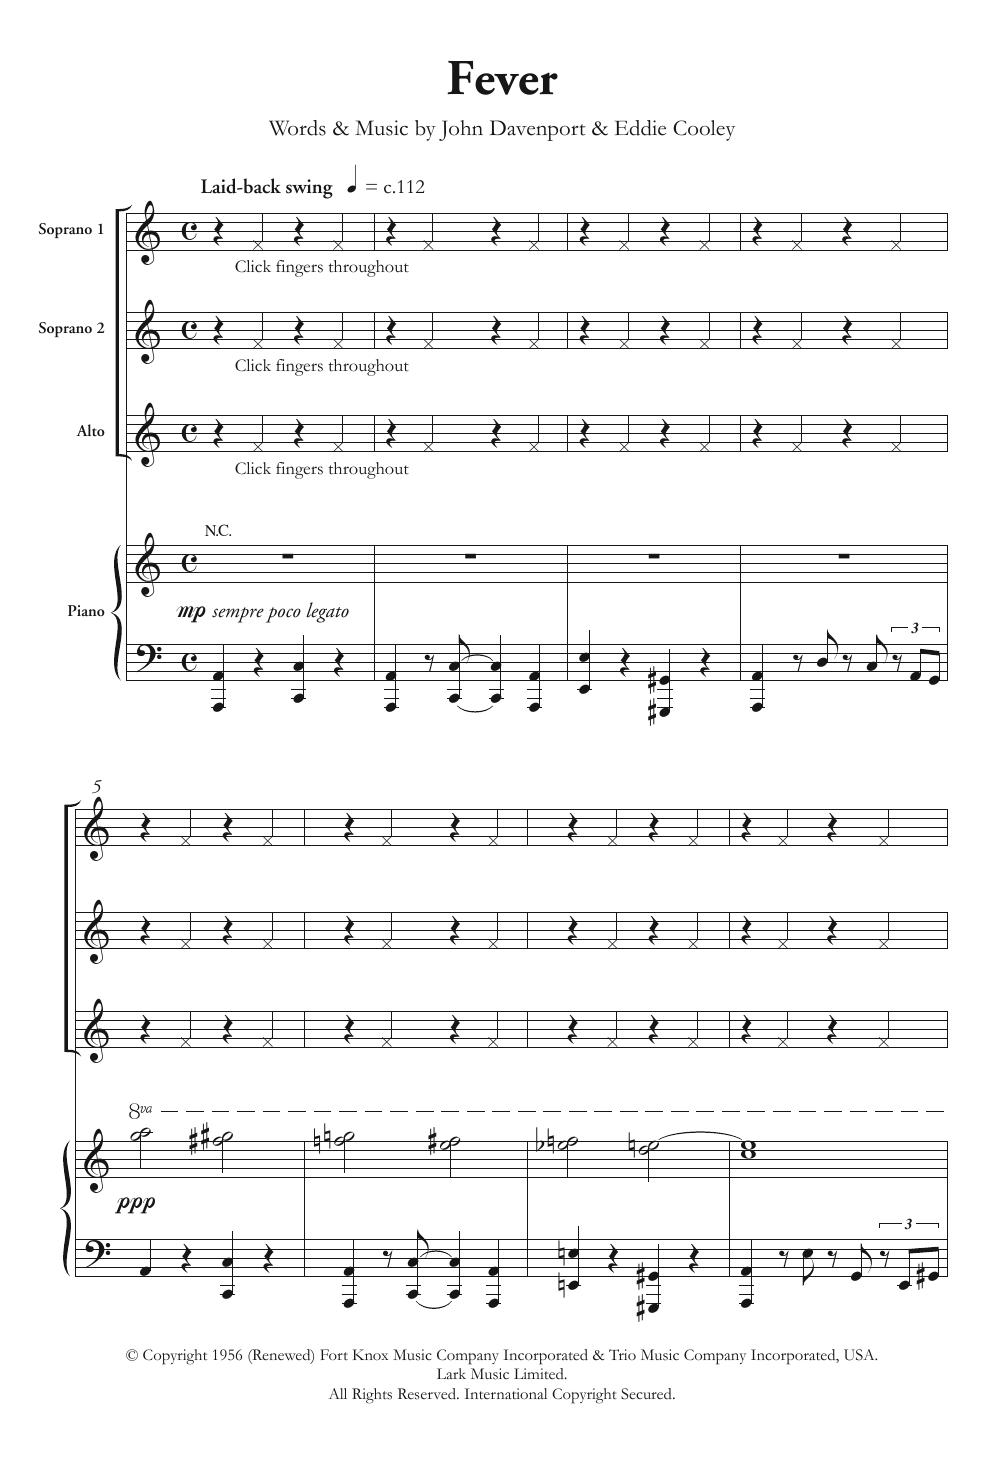 Eva Cassidy - Fever